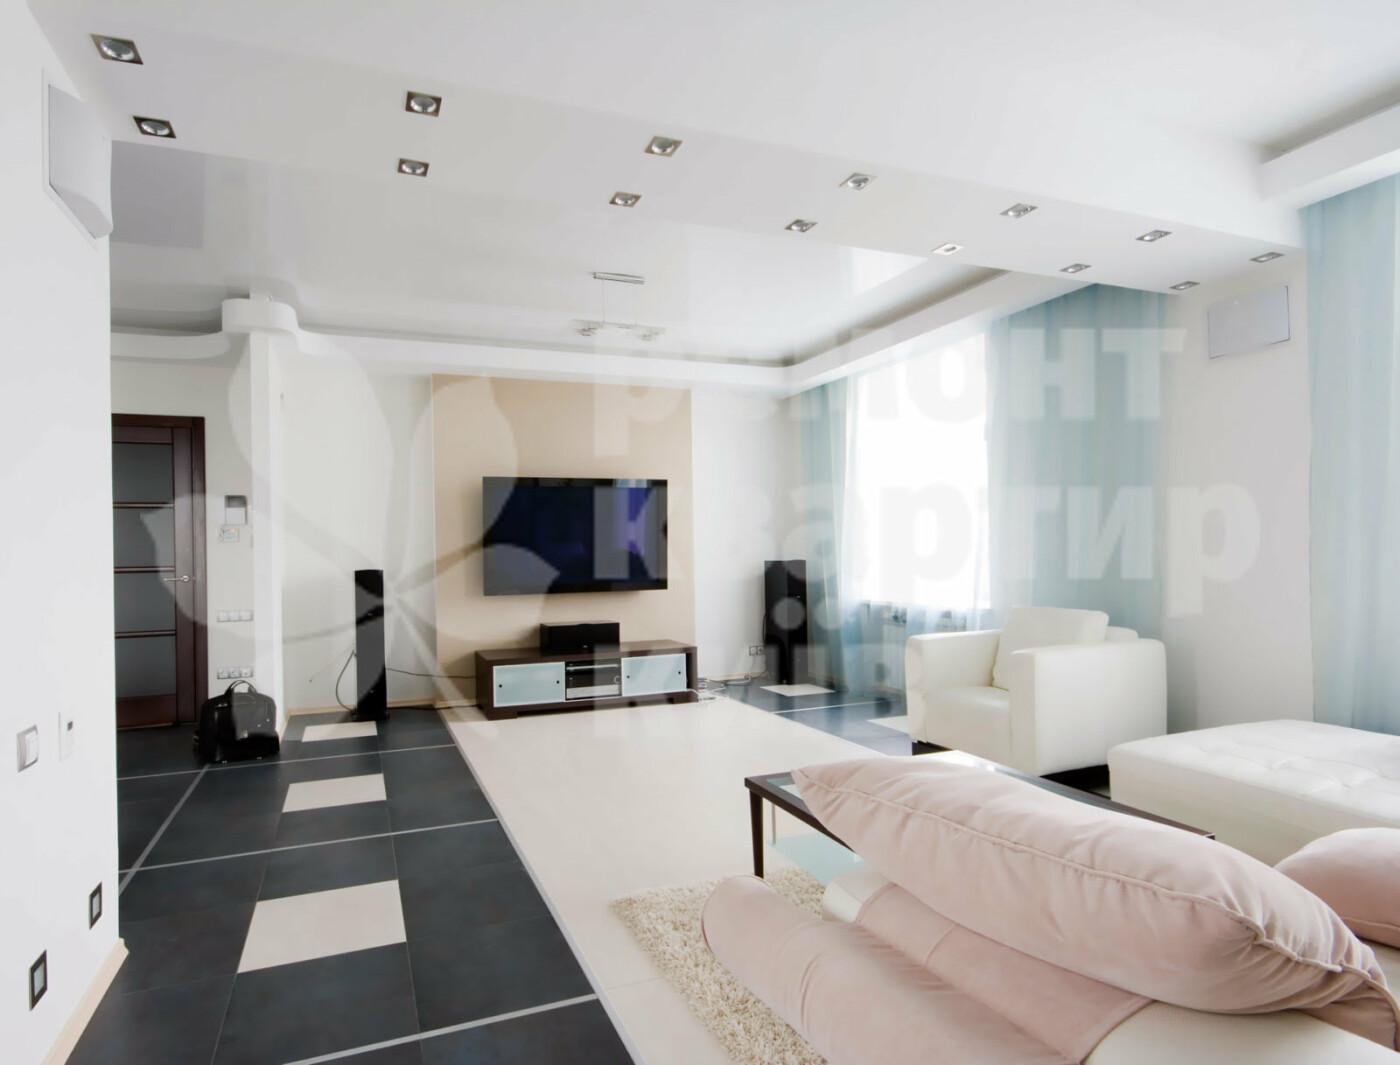 Ремонт квартир та дизайн інтер'єрів від компанії «РКК»